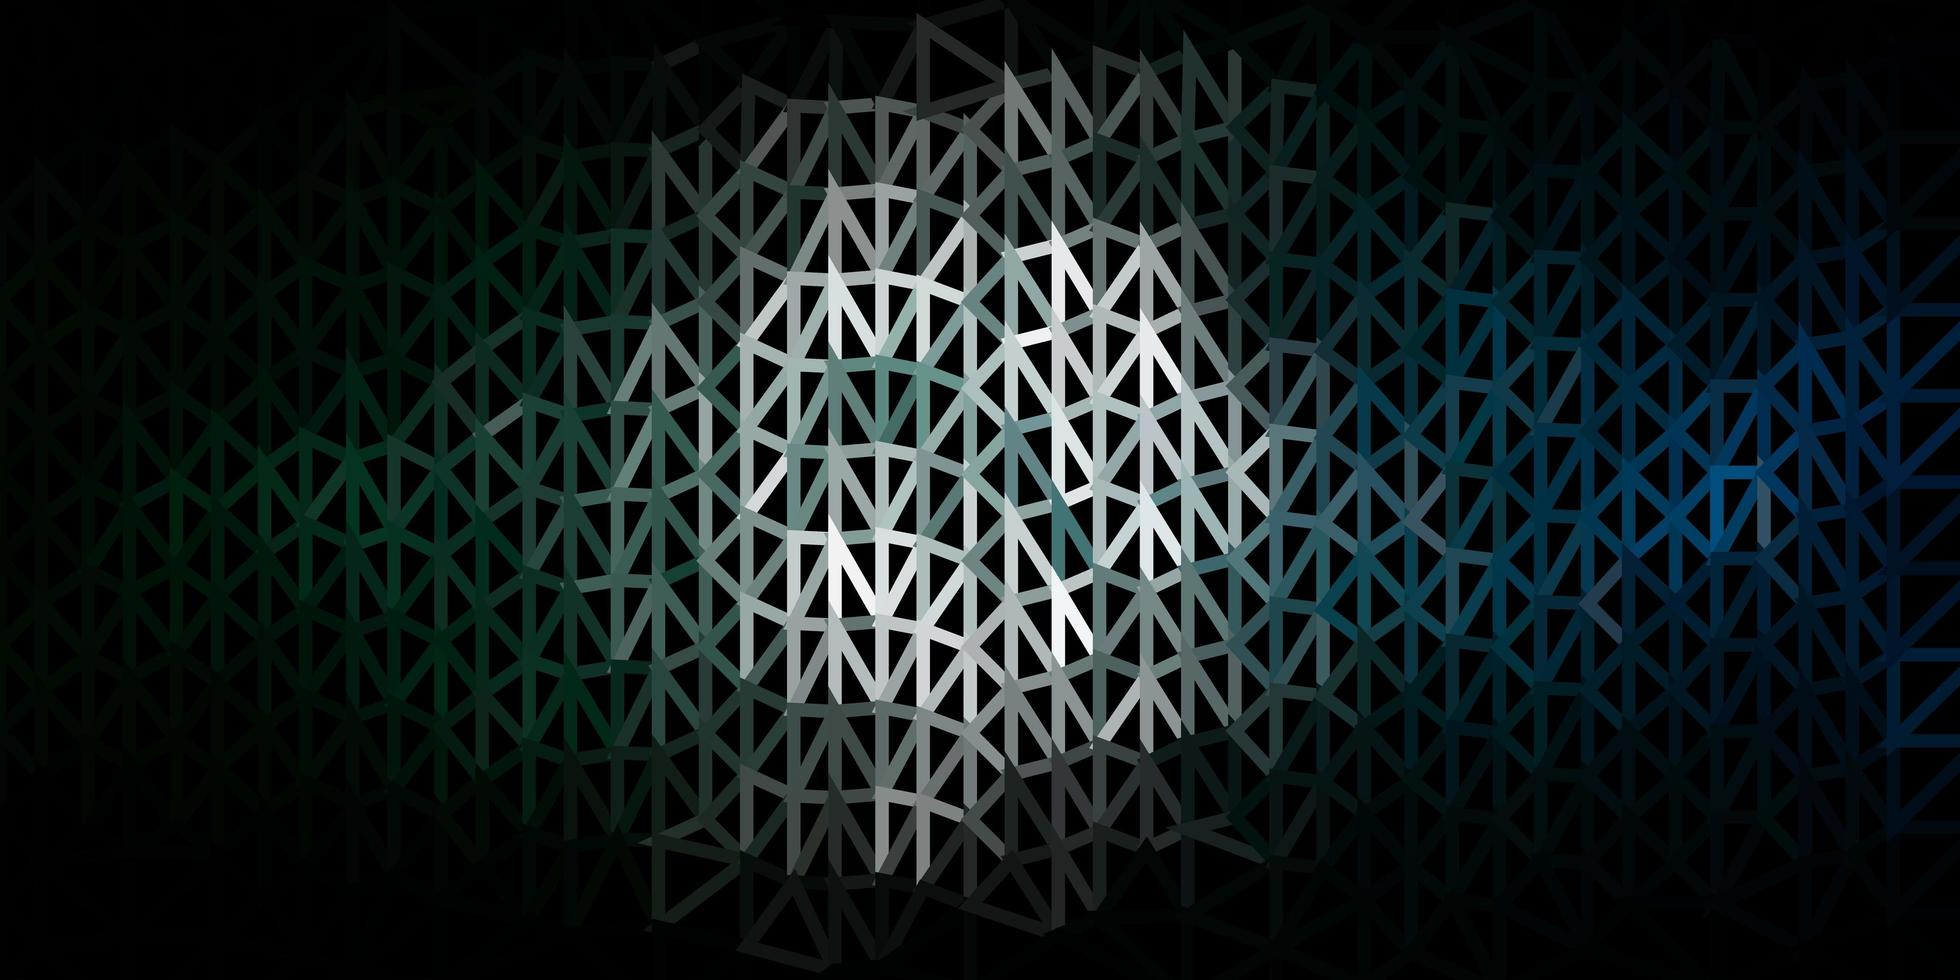 dunkelgrüner Vektor-Dreieck-Mosaik-Hintergrund. vektor